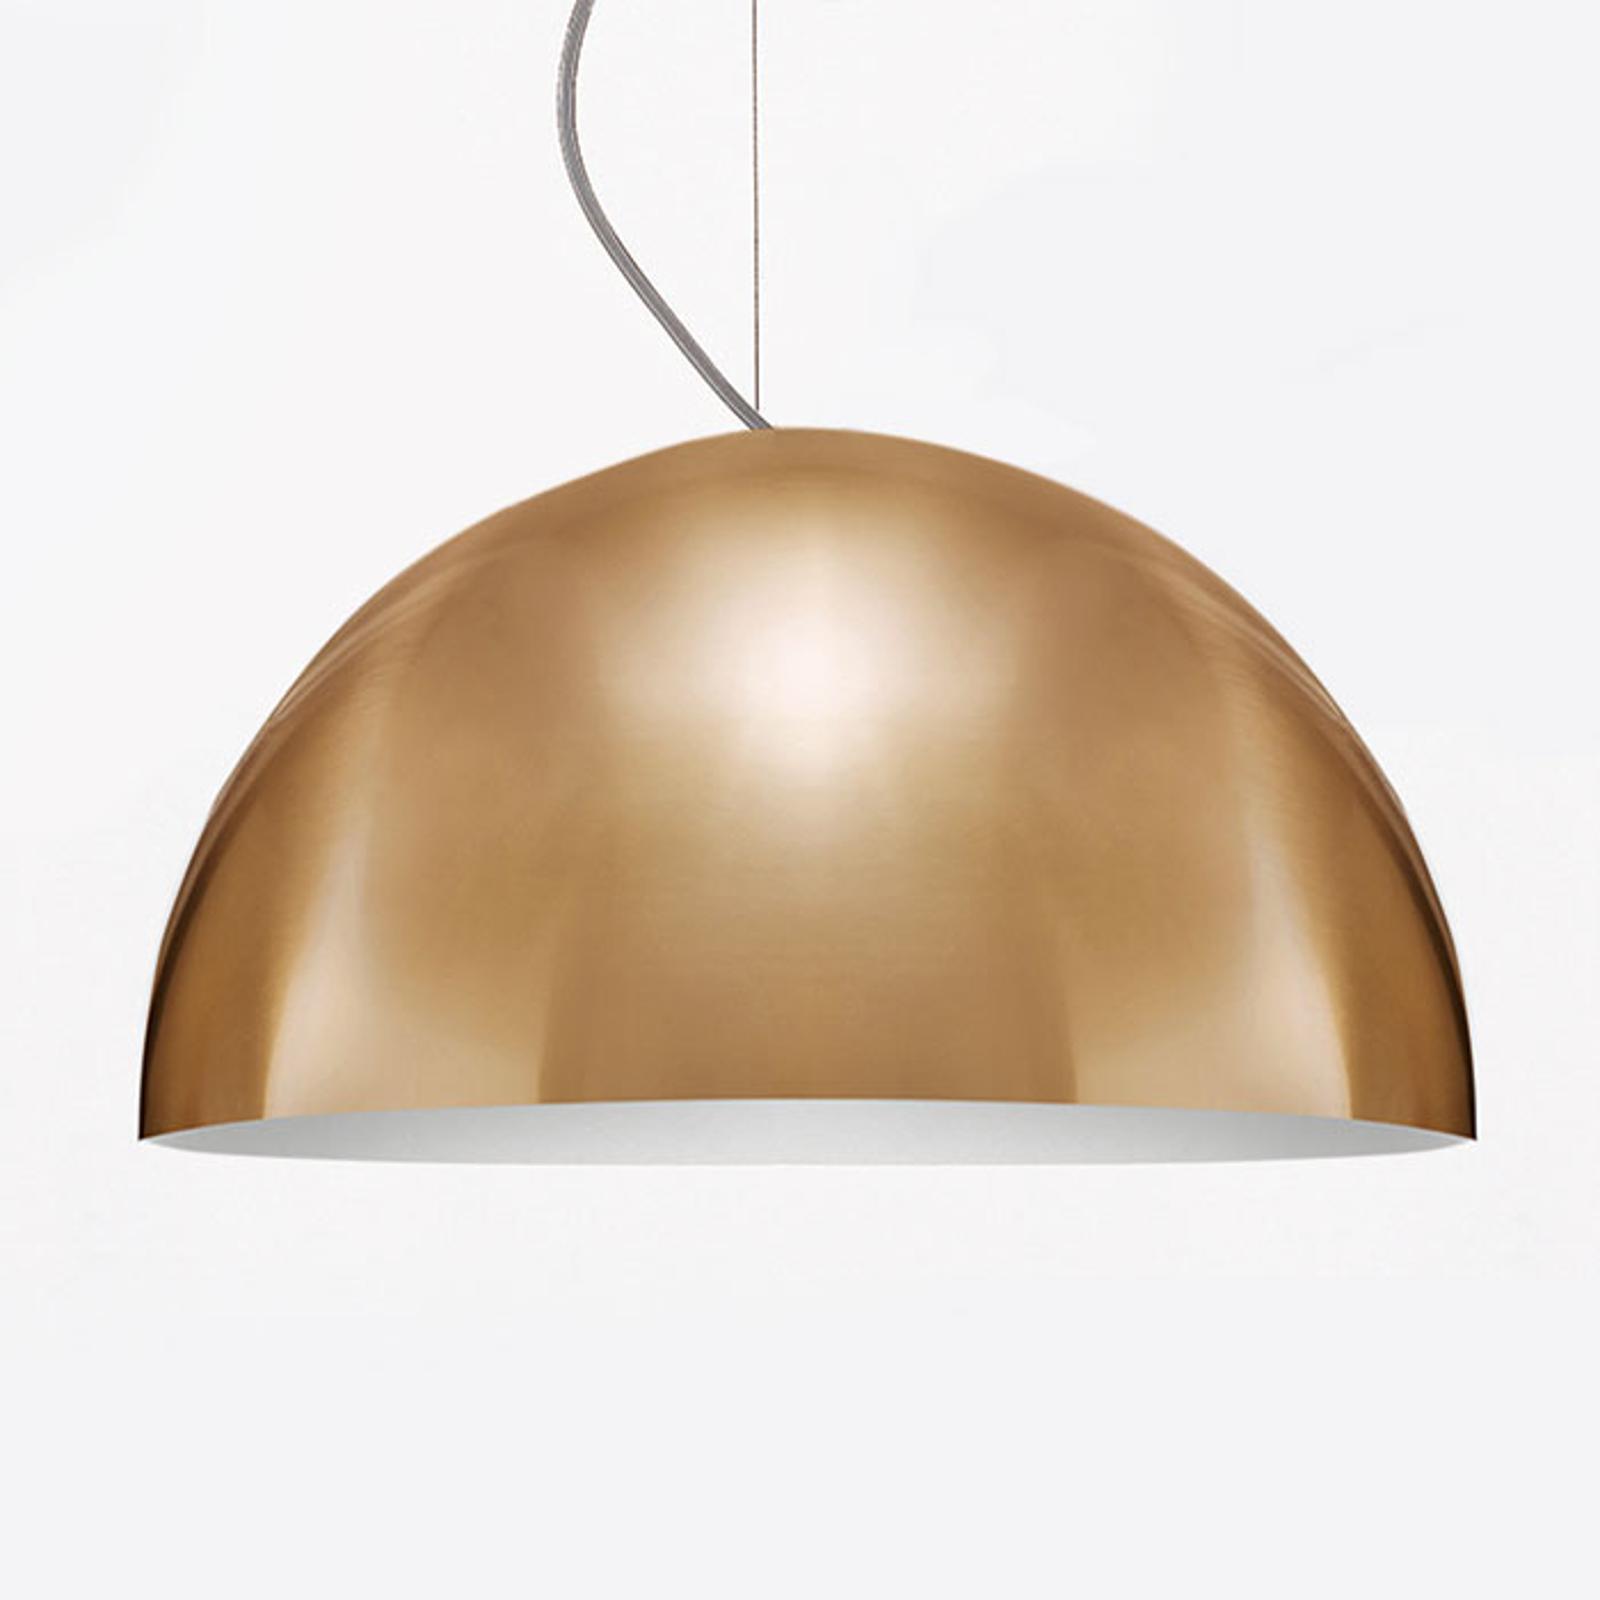 Oluce Sonora - goudkleurige hanglamp, 50 cm